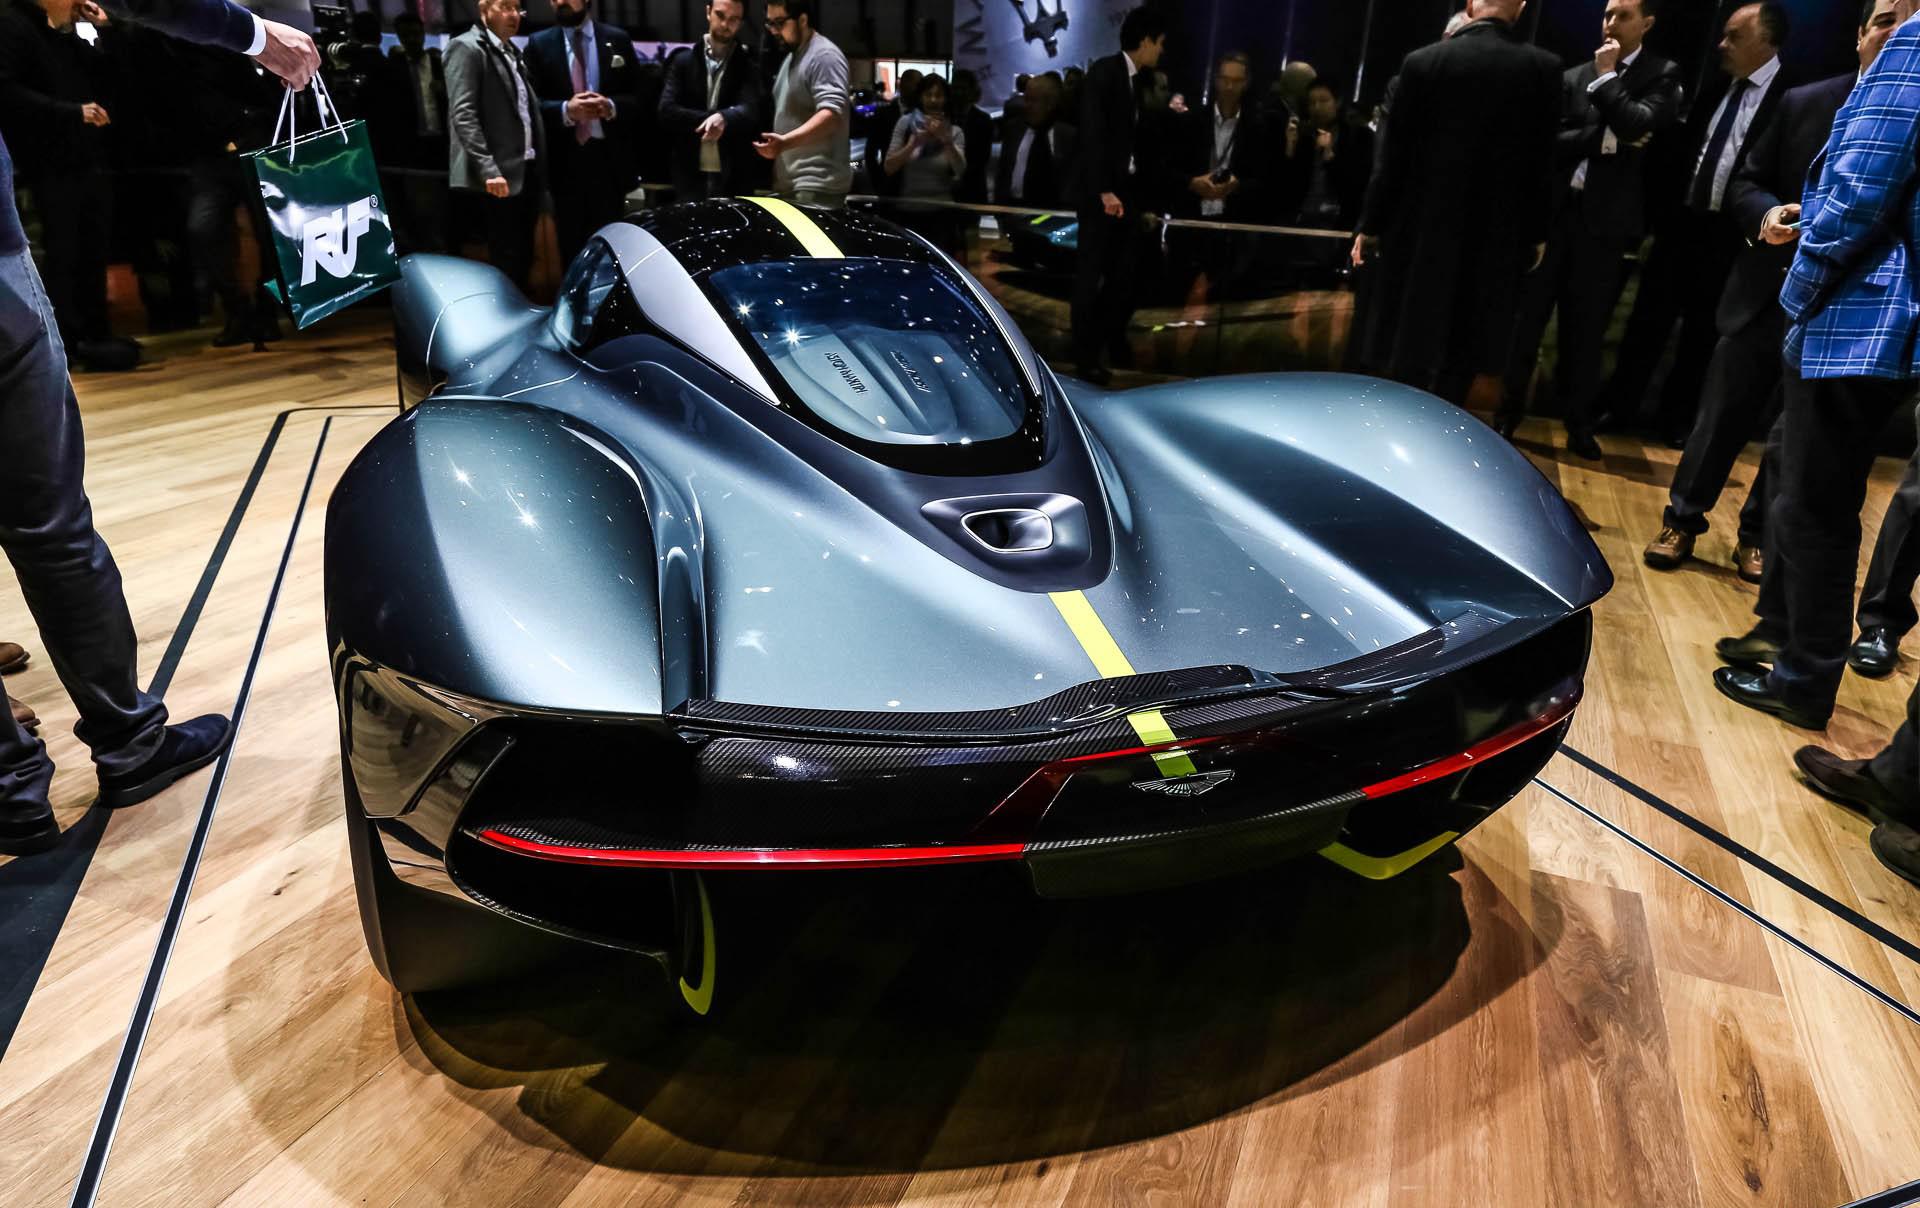 Он будет работать в паре с 7-ступенчатой автоматической коробкой передач, поставляемой Ricardo. У OEM большой опыт работы в автоспорте и в двигателях для дорожных машин McLaren.